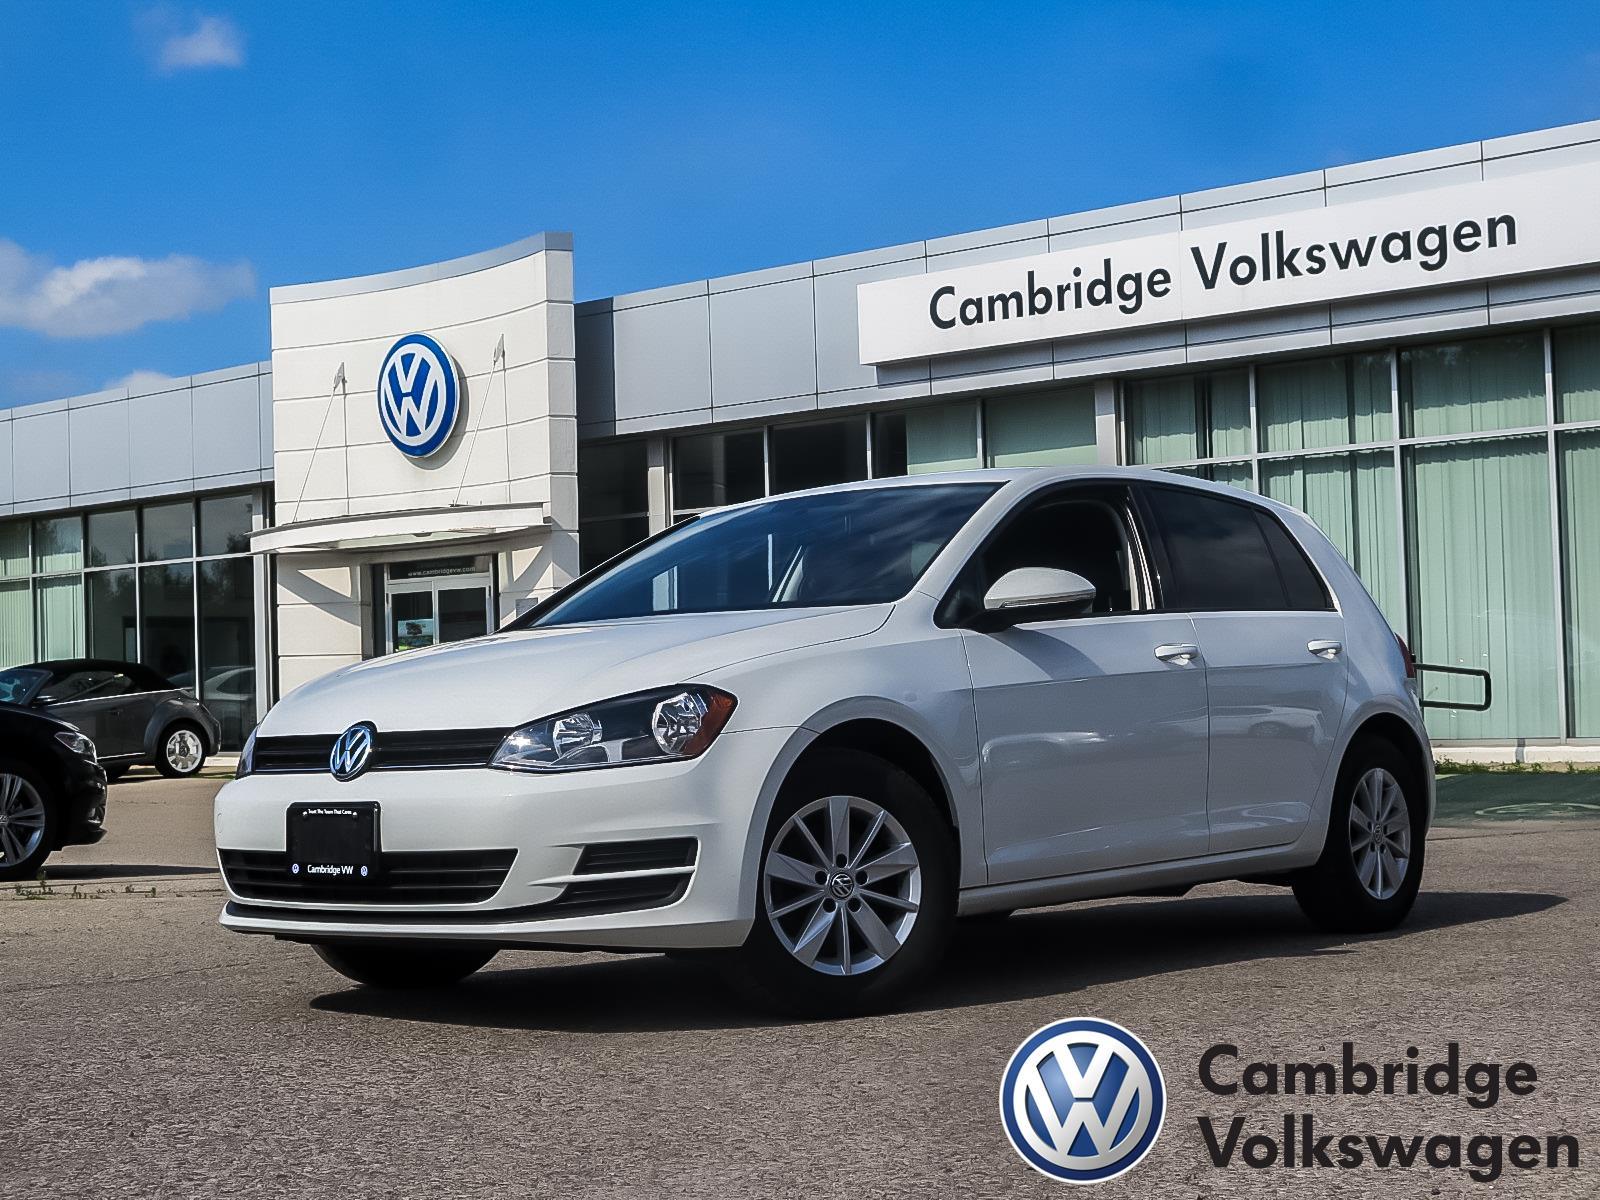 Volkswagen Cambridge Vw